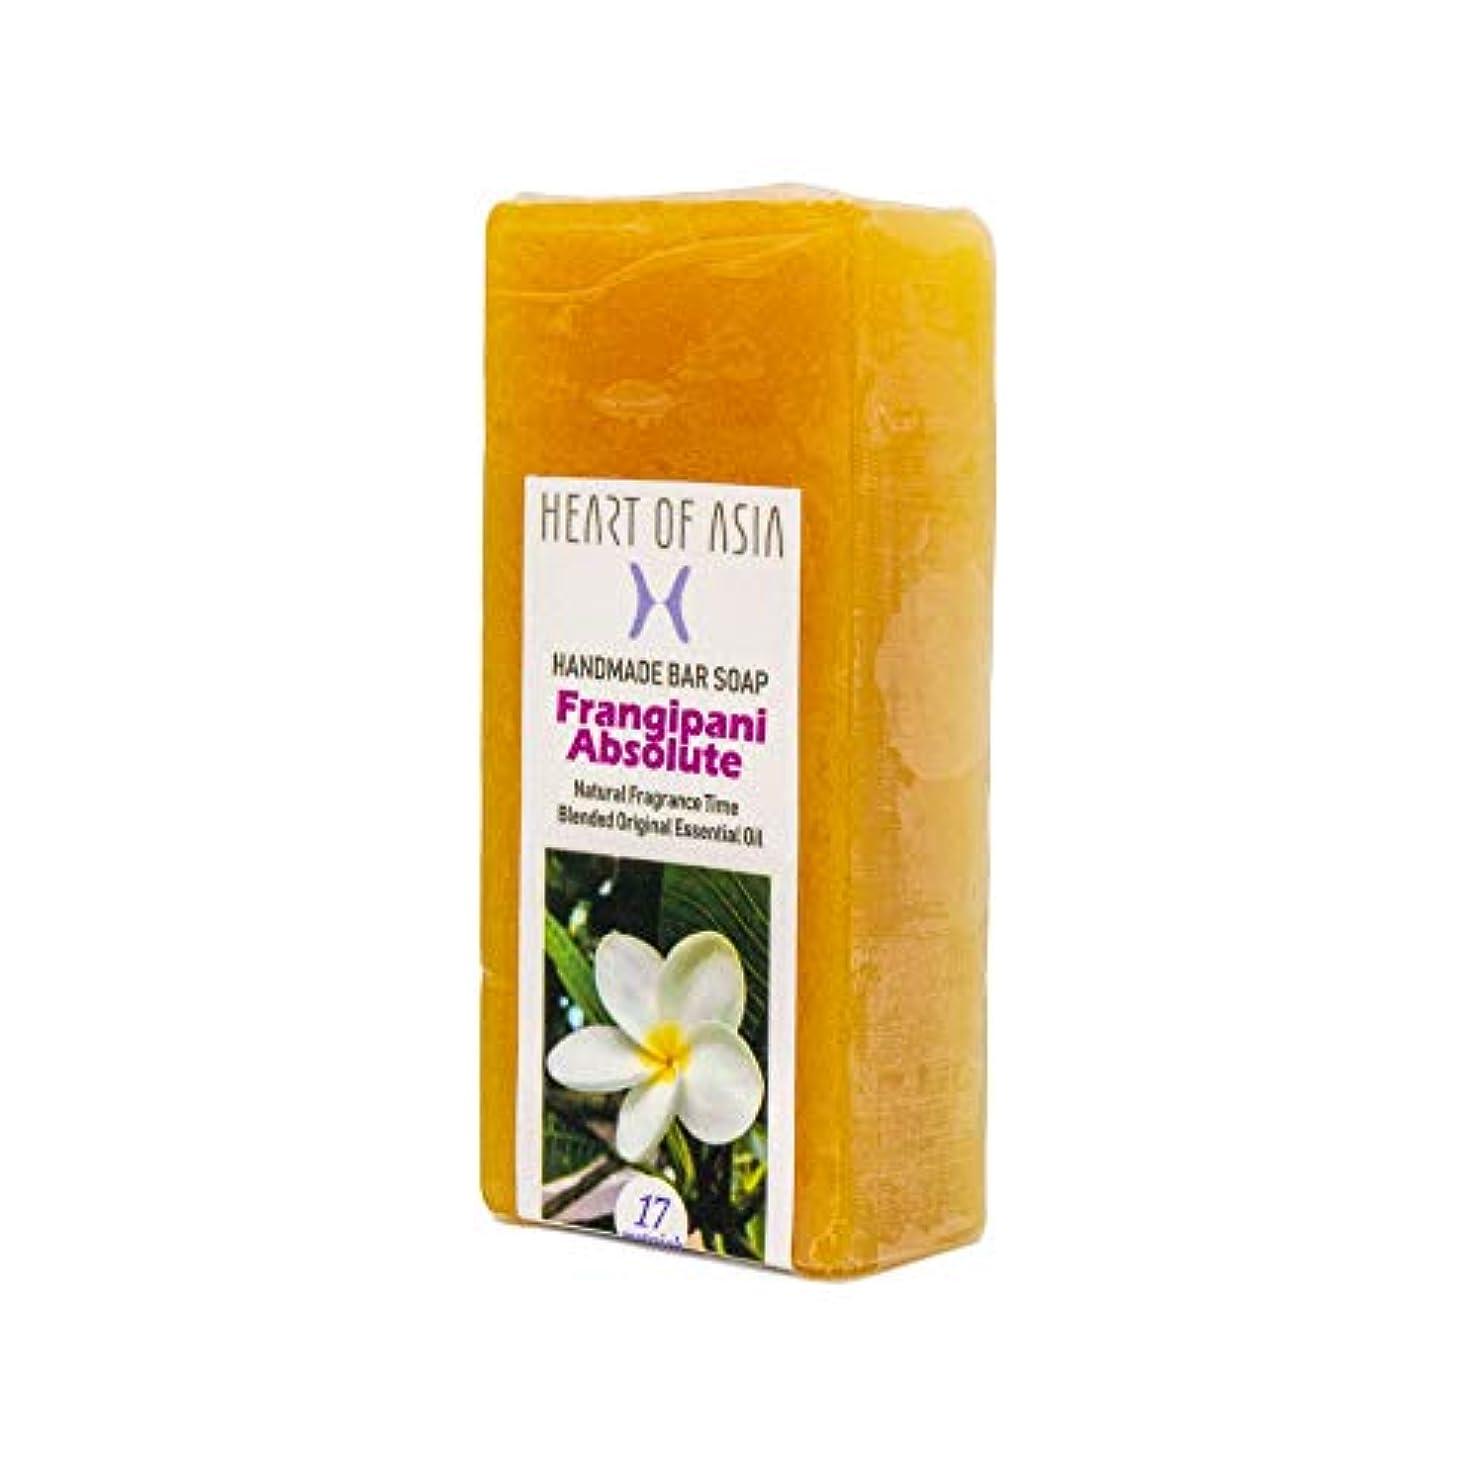 濃度祝う風刺香水のようなフレグランス石けん HANDMADE BAR SOAP ~Frangipani Absolute~ (単品)